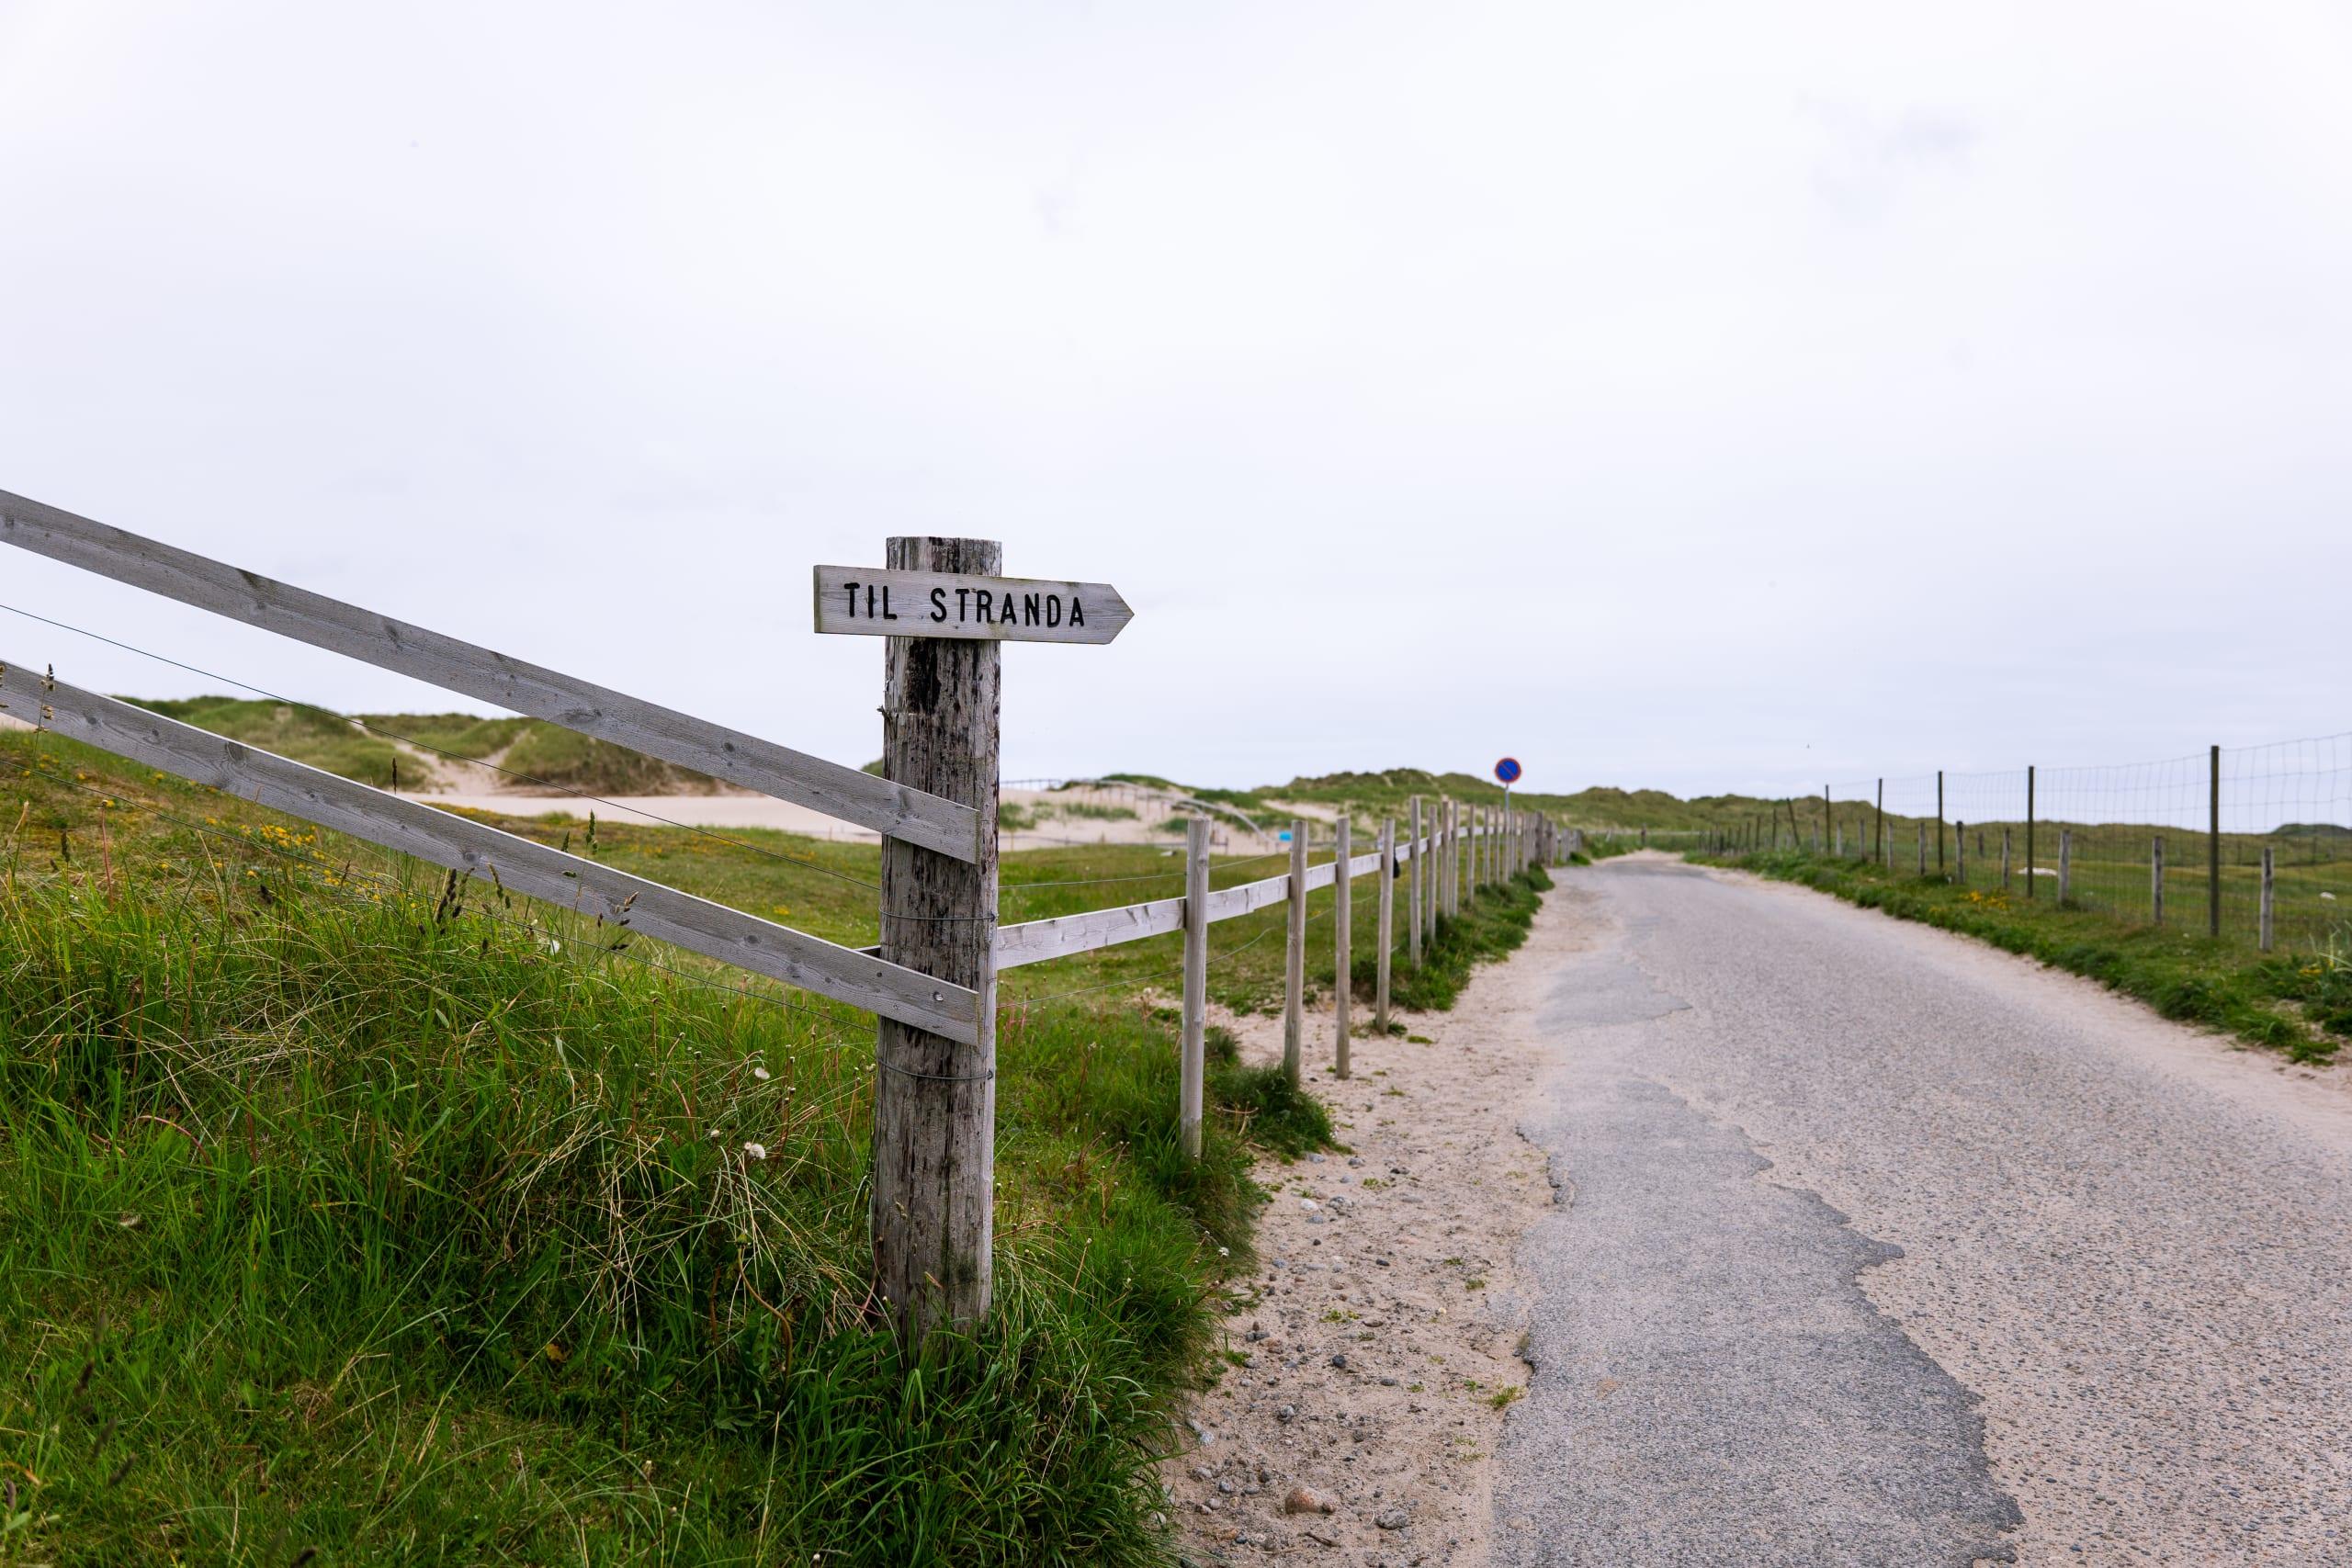 Borestranden beach in Stavanger